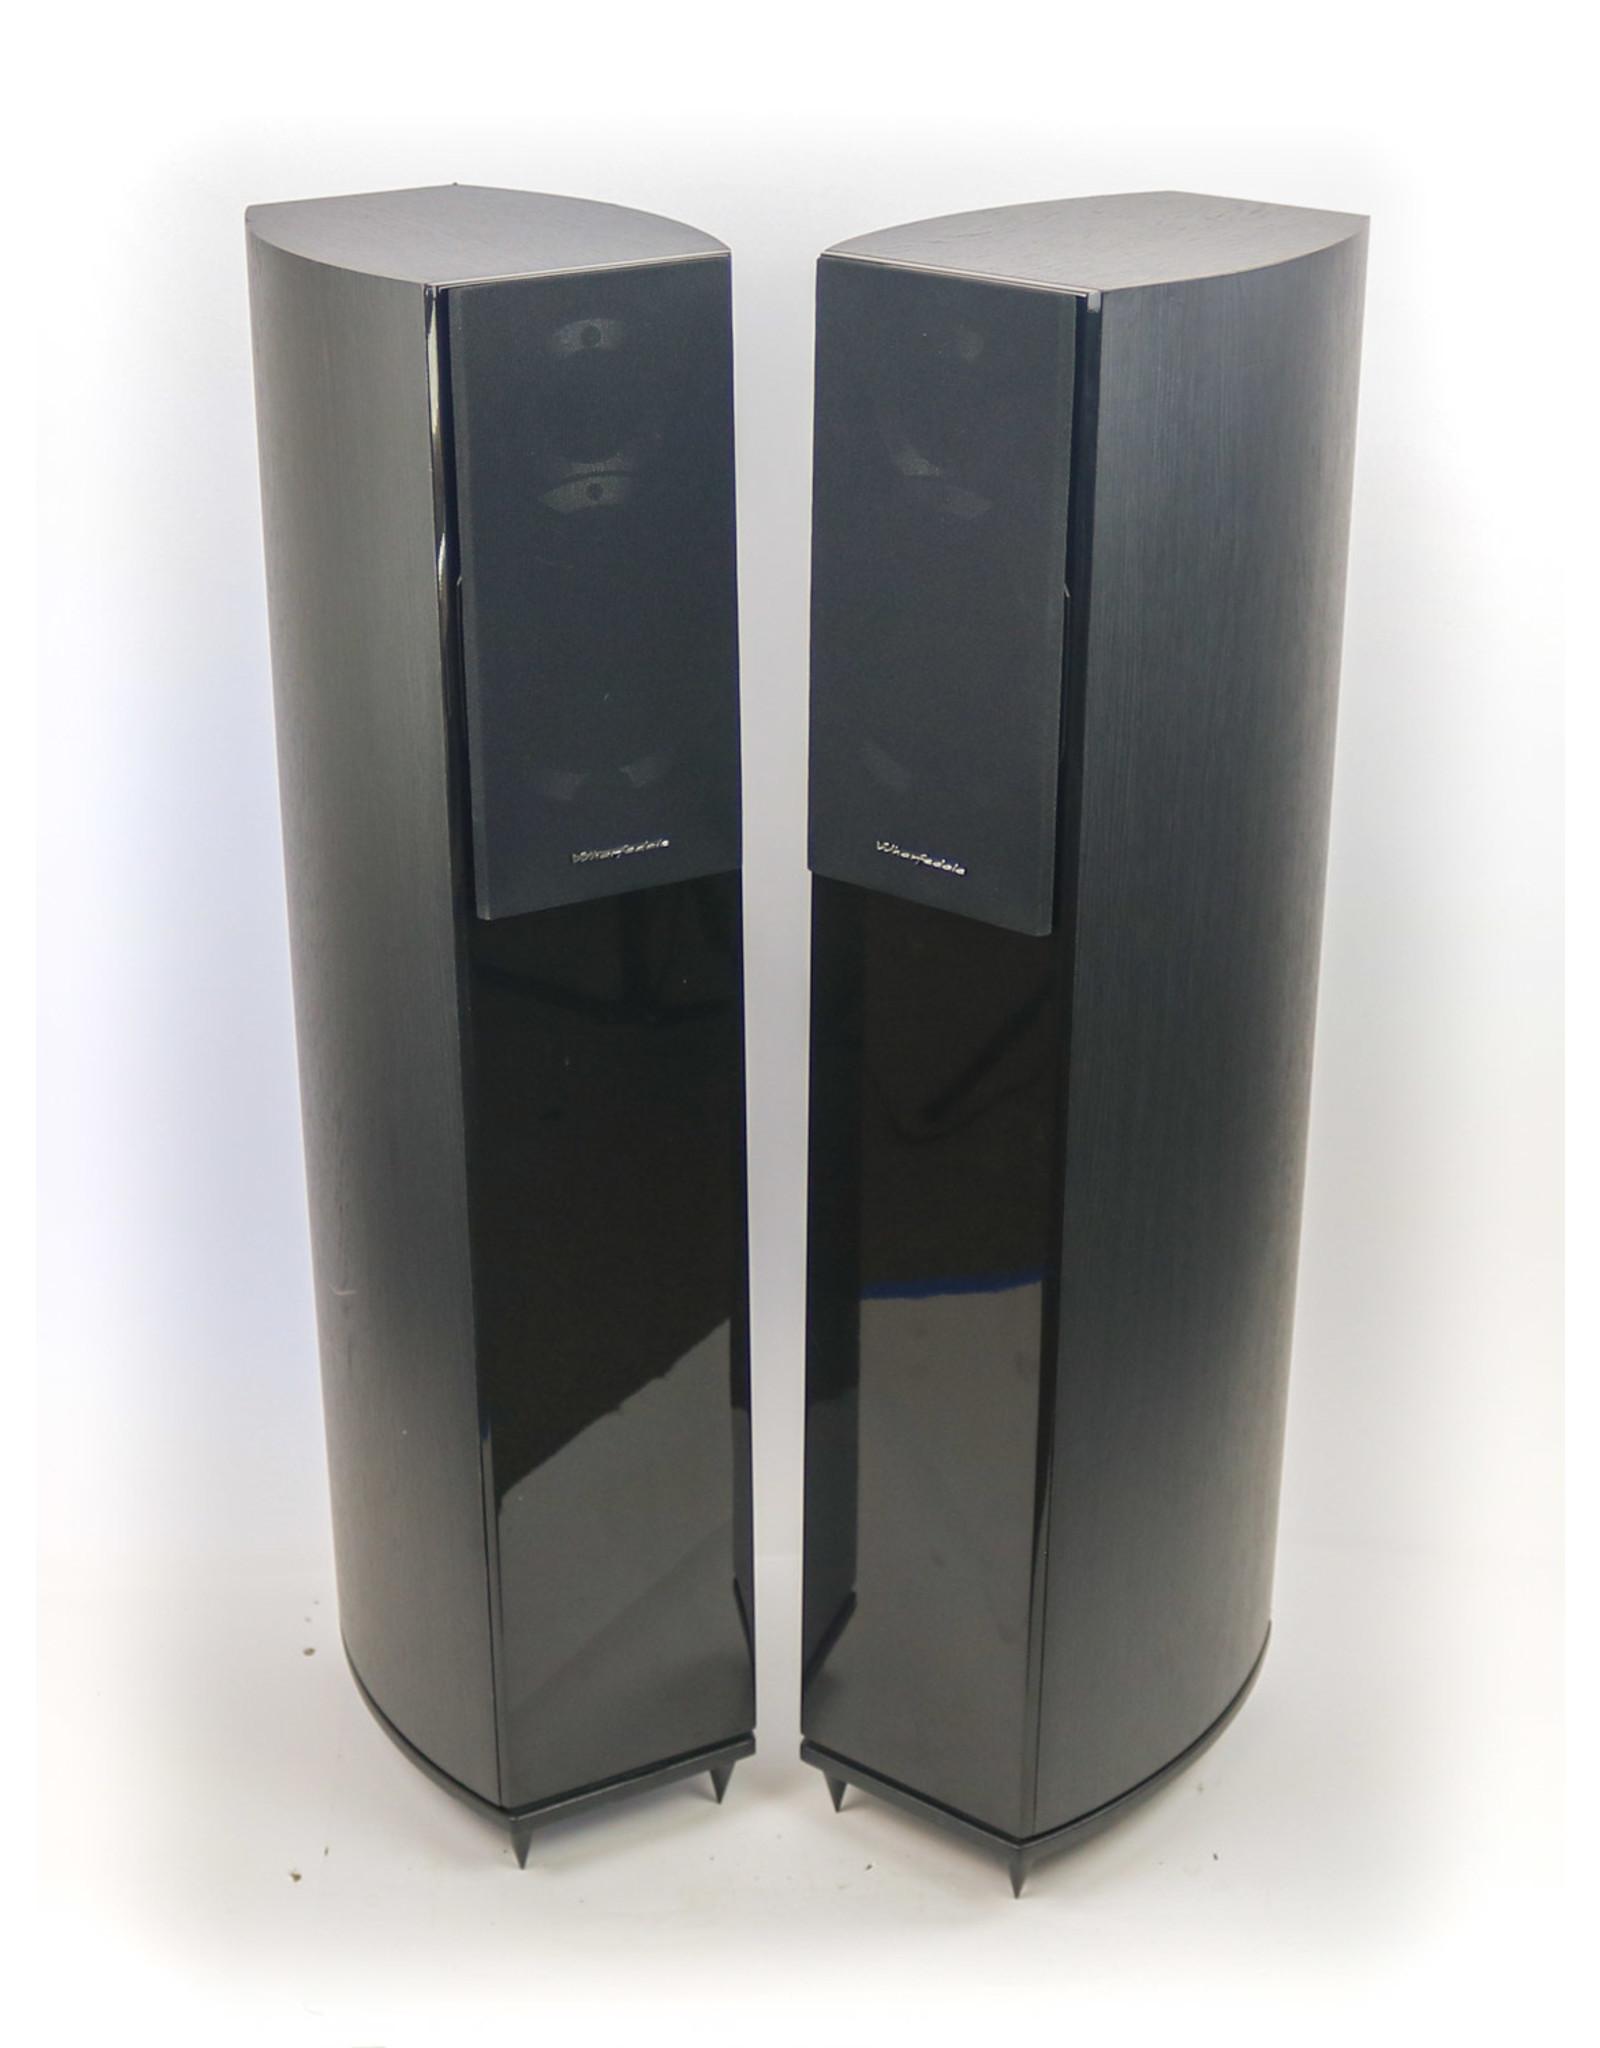 Wharfedale Wharfedale Diamond 10.3 Floorstanding Speakers USED